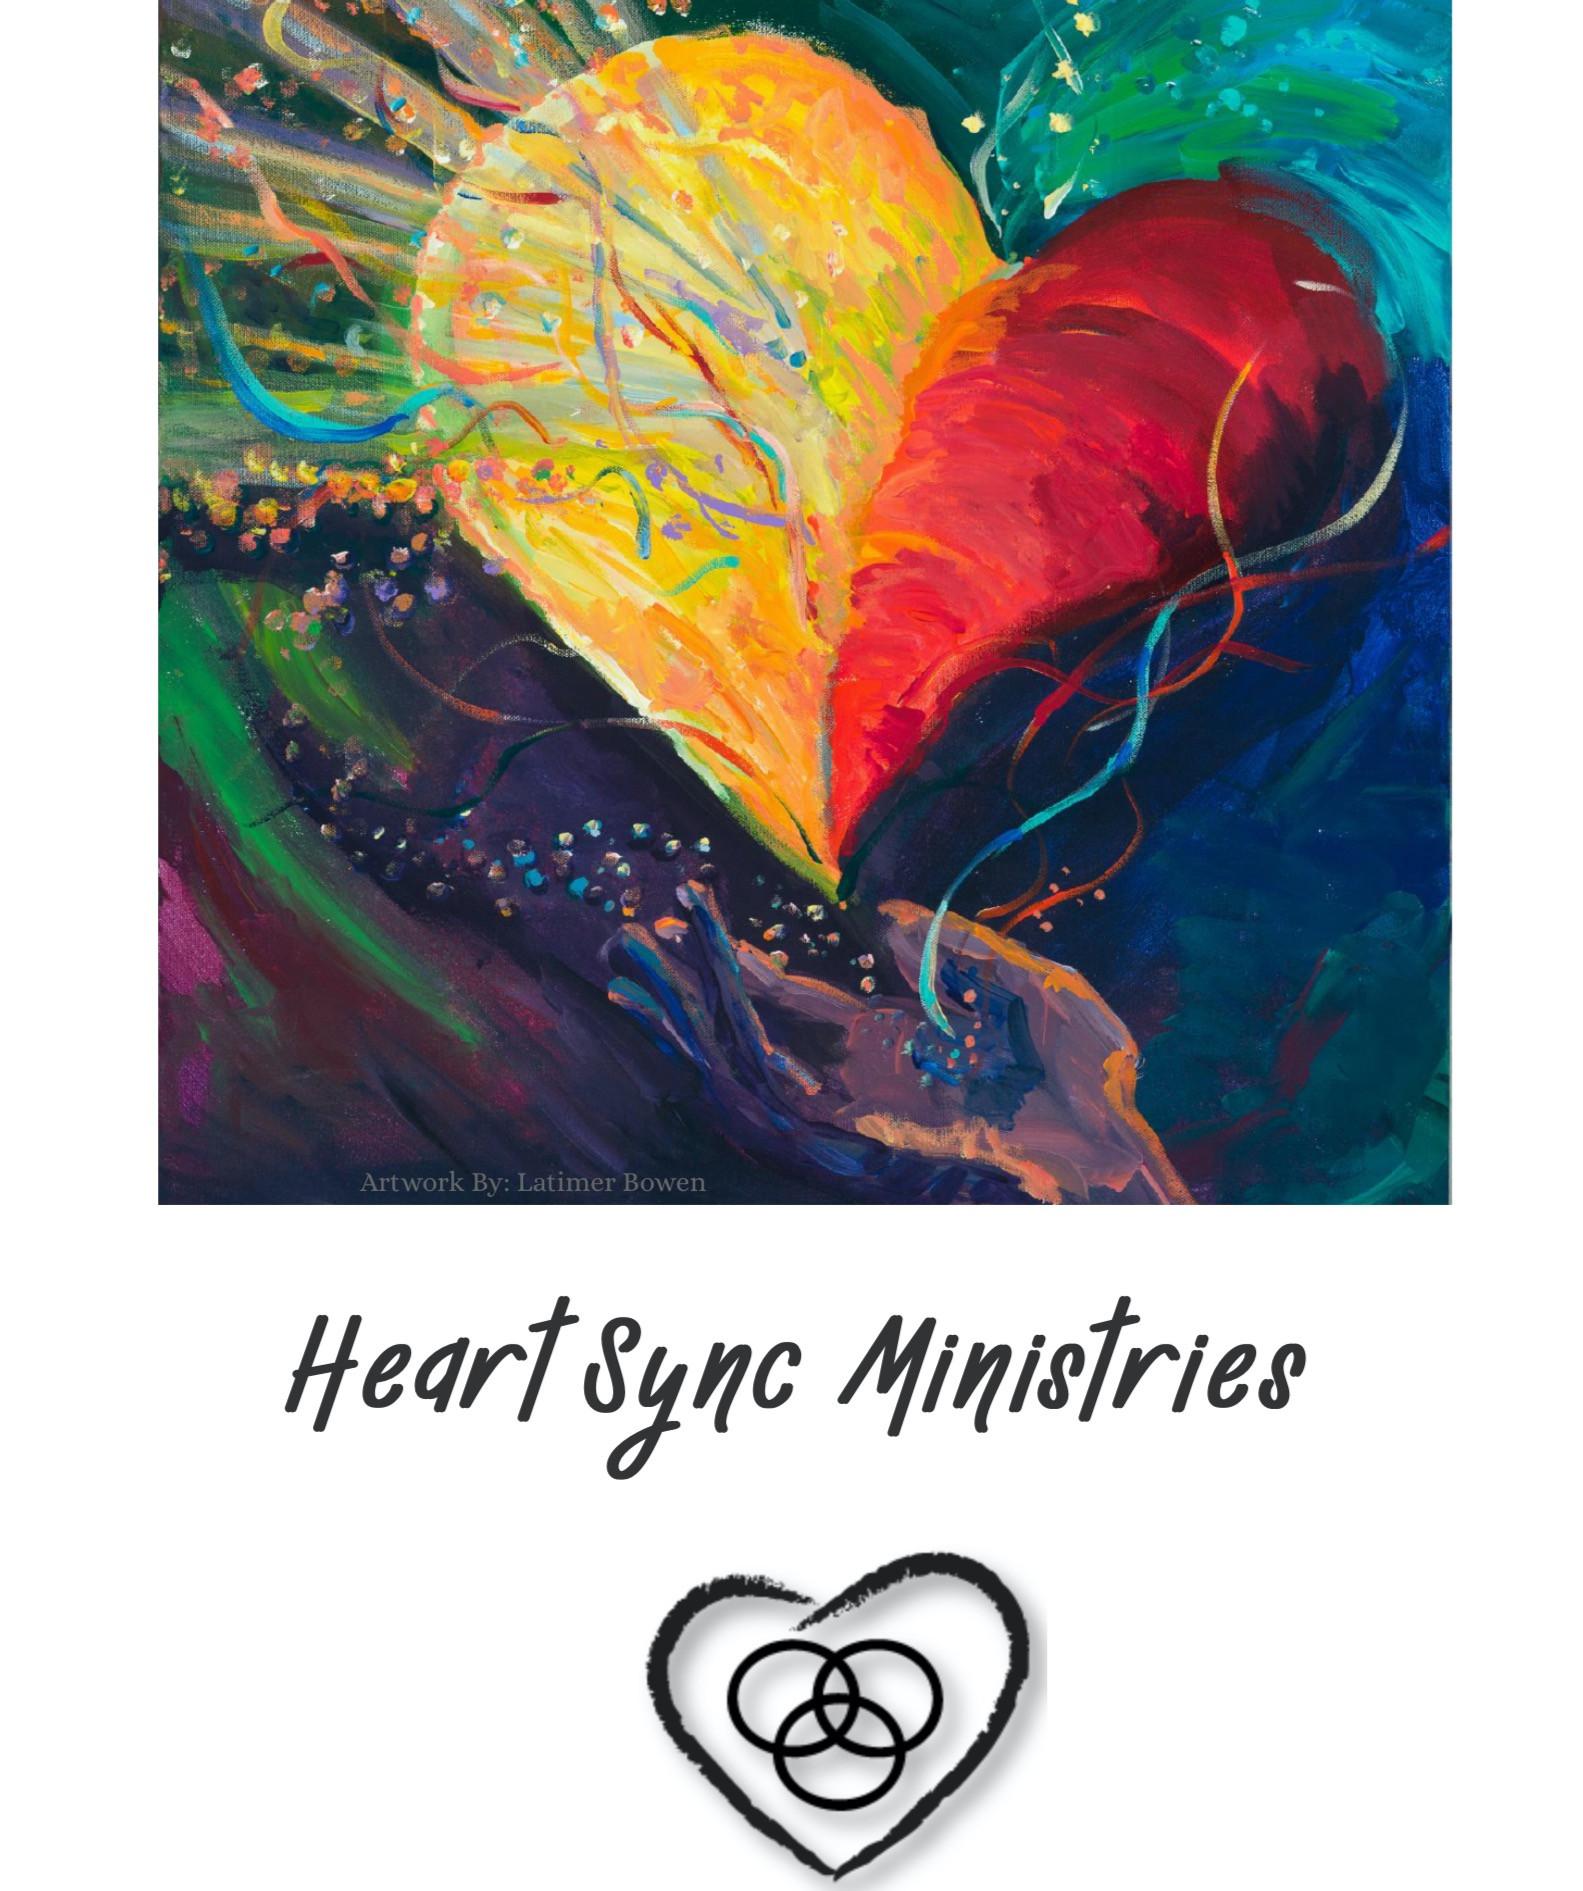 HEART SYNC